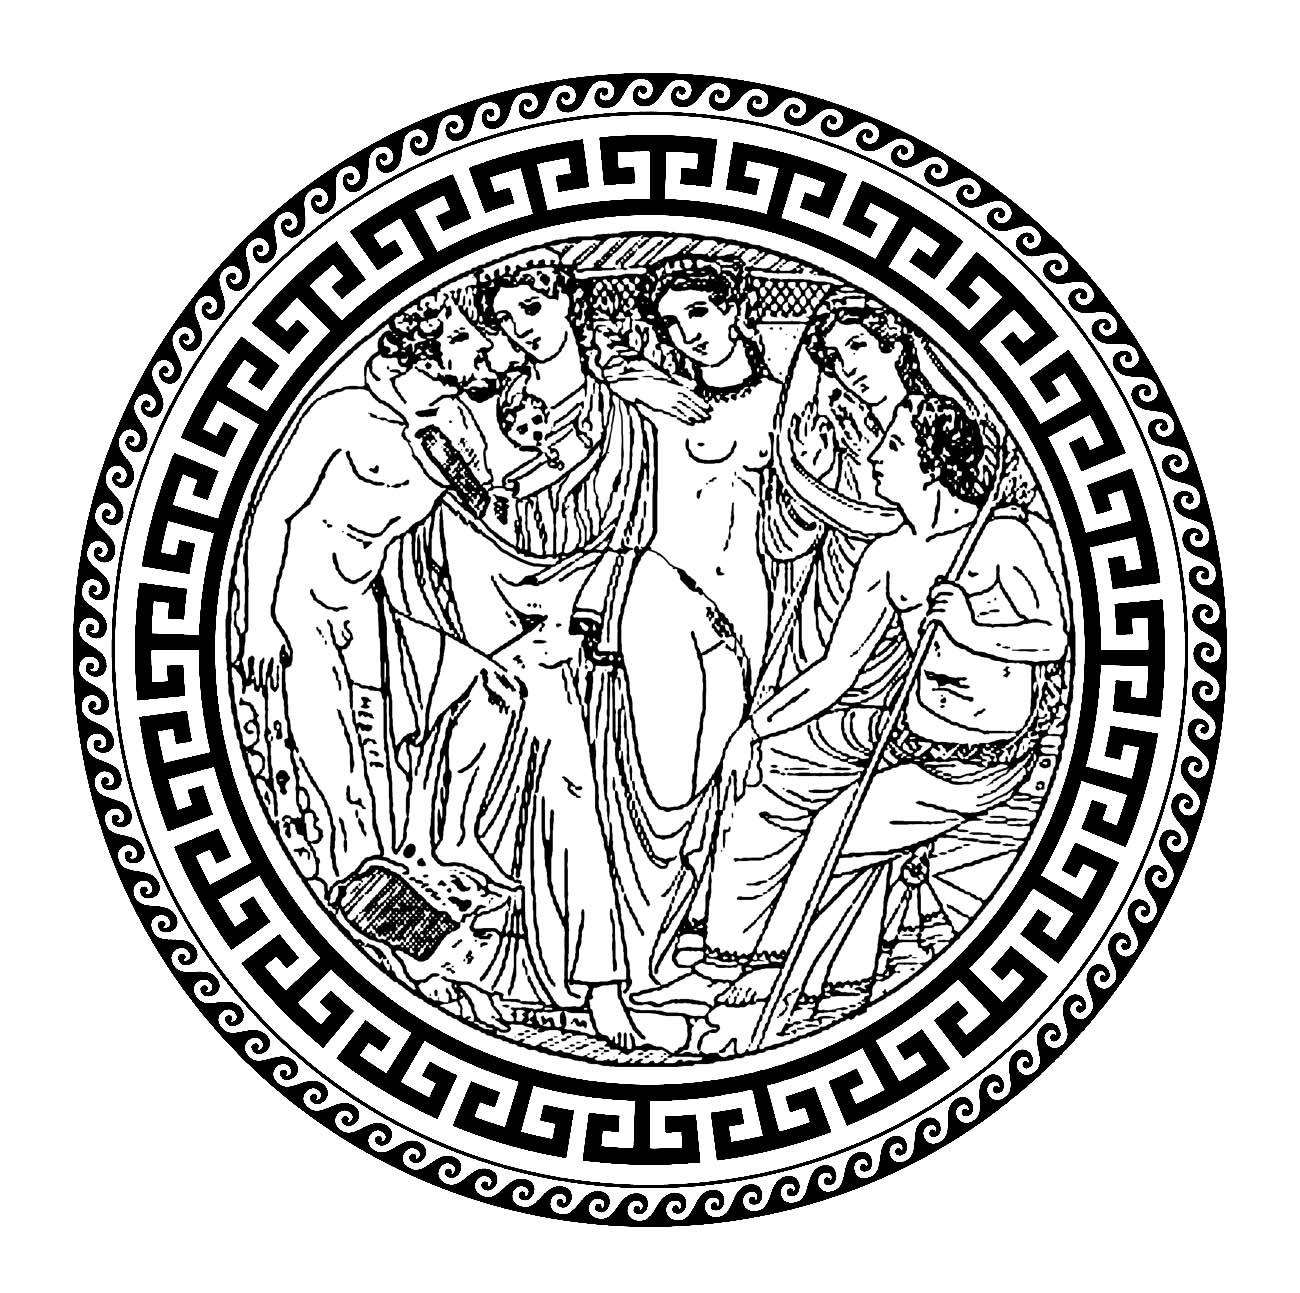 Hébé et Héraclès dans un cercle composé de motifs typiques grecs - 1